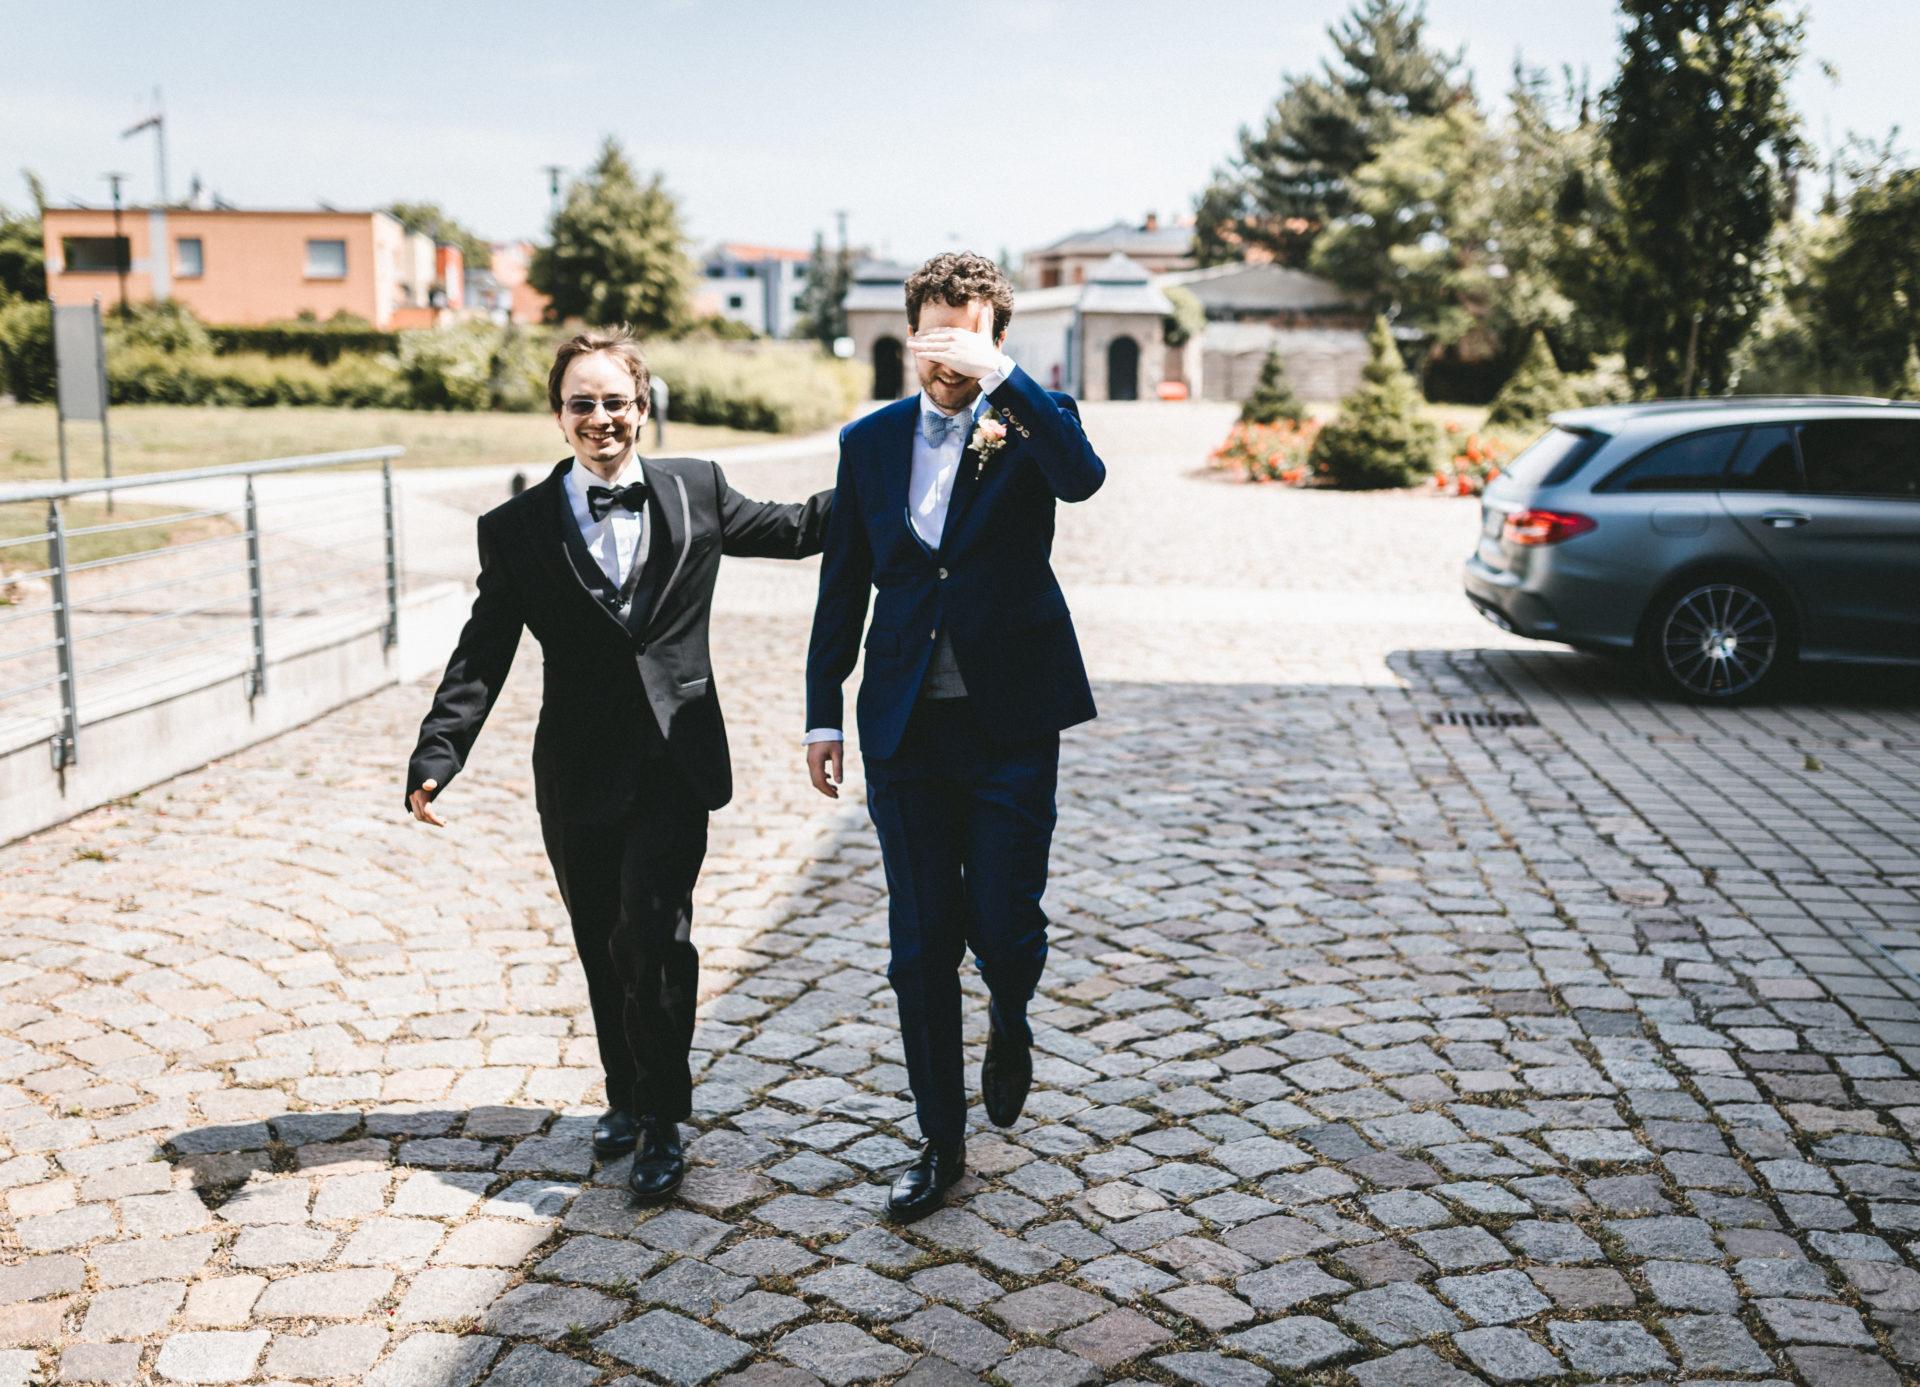 Hochzeitsreportage | Freie Trauung im Herrenhaus Möckern in Leipzig | 2